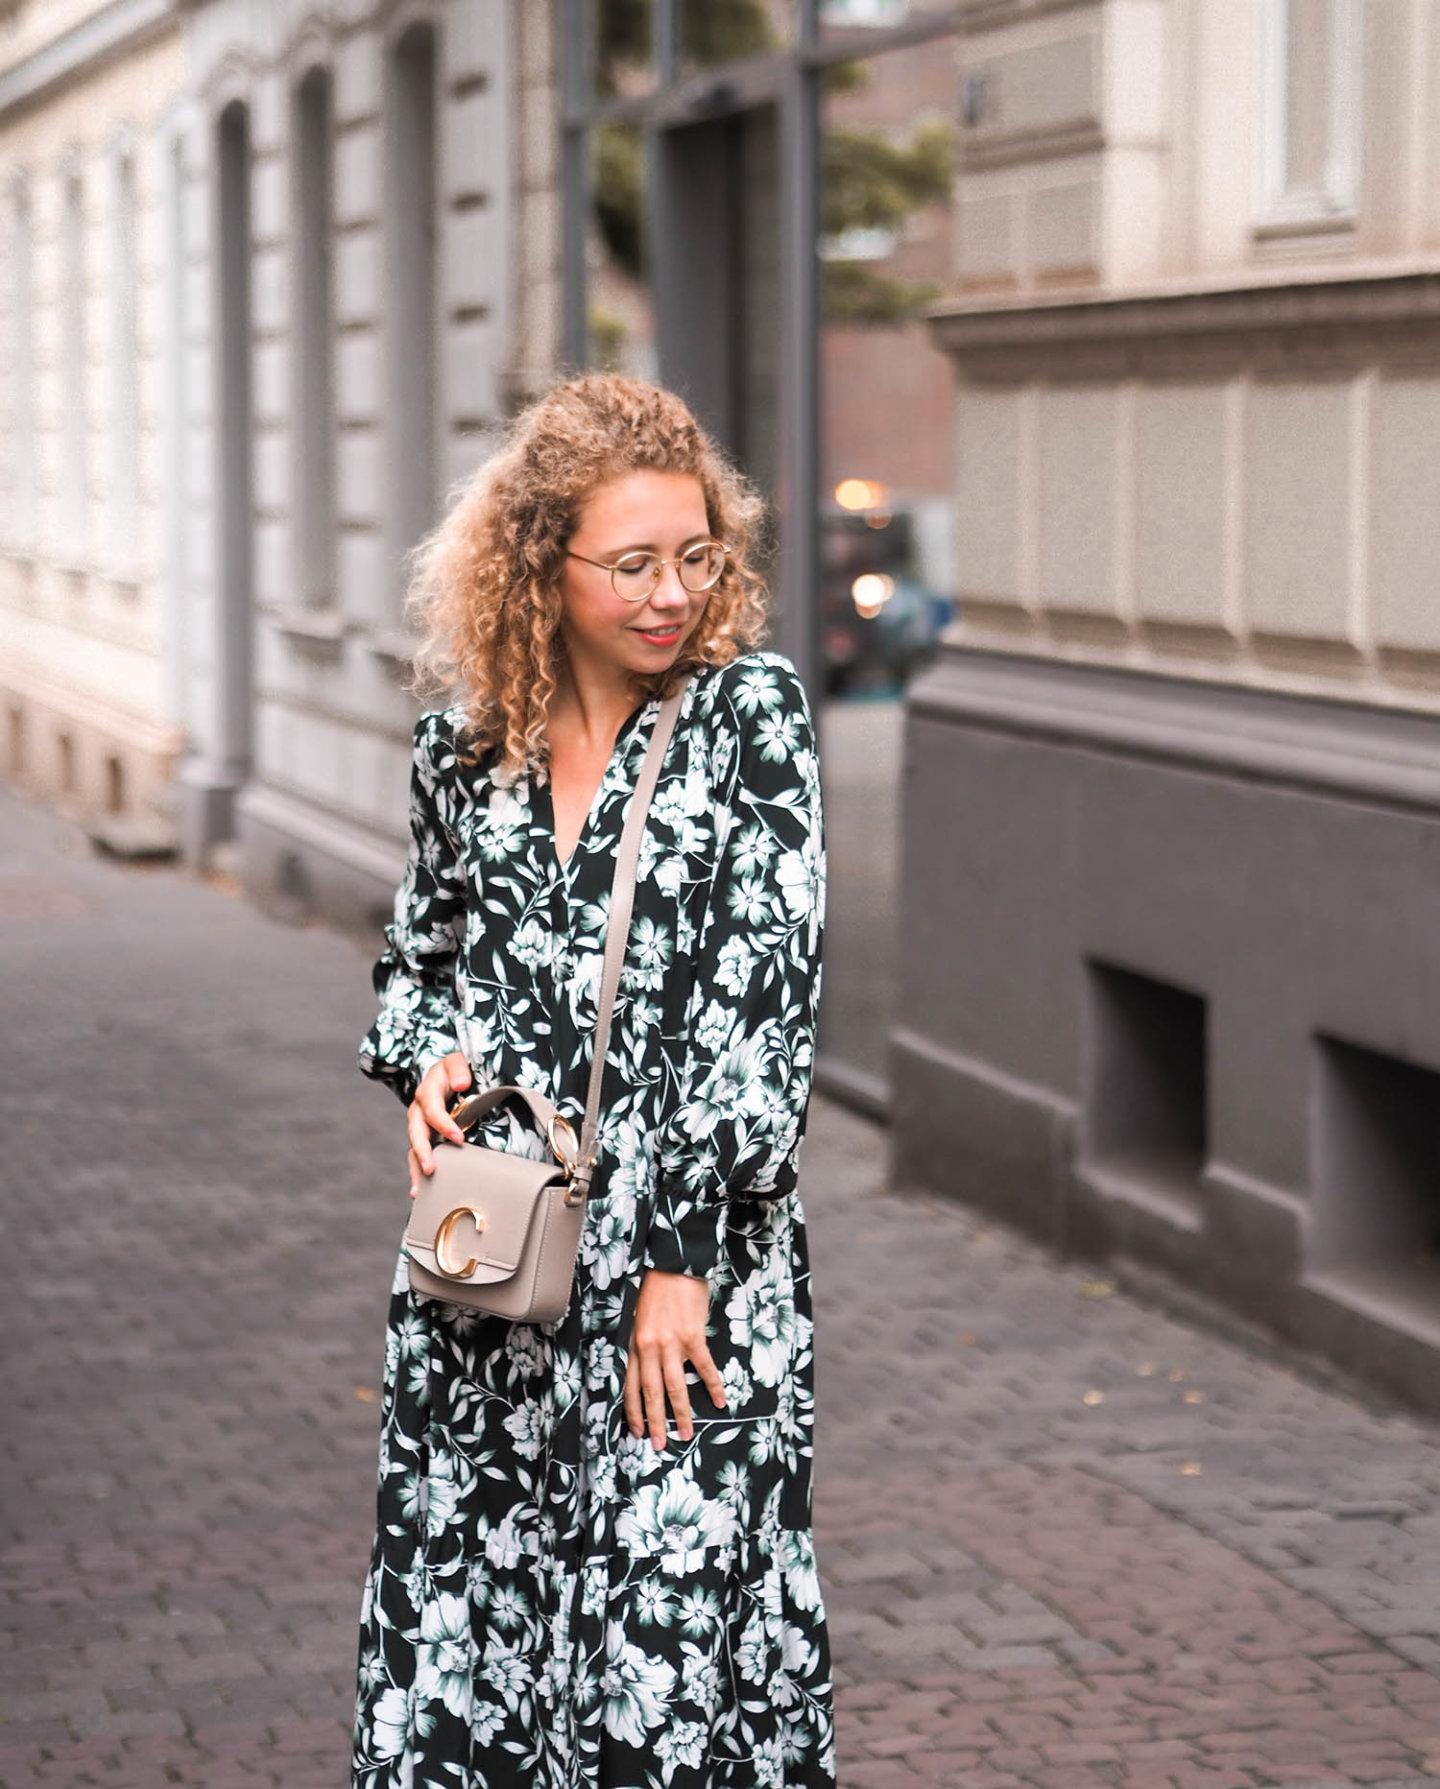 Langes Sommerkleid mit Blumen-Print und Chloé Handtasche